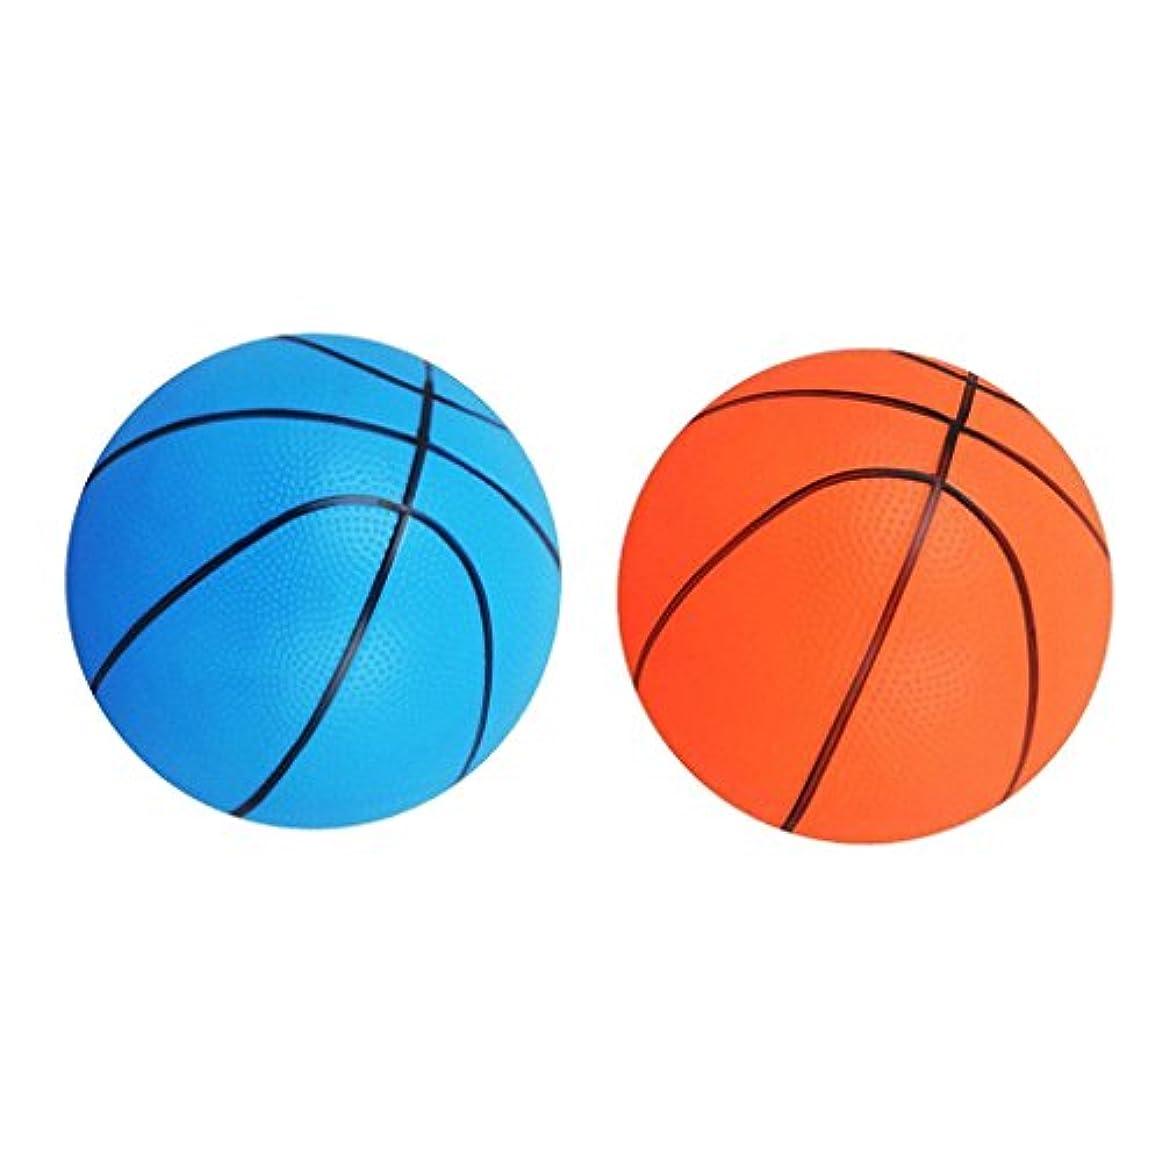 保証湿原むさぼり食う2個入り 弾力 子供 スポーツ遊び バスケットボールおもちゃ